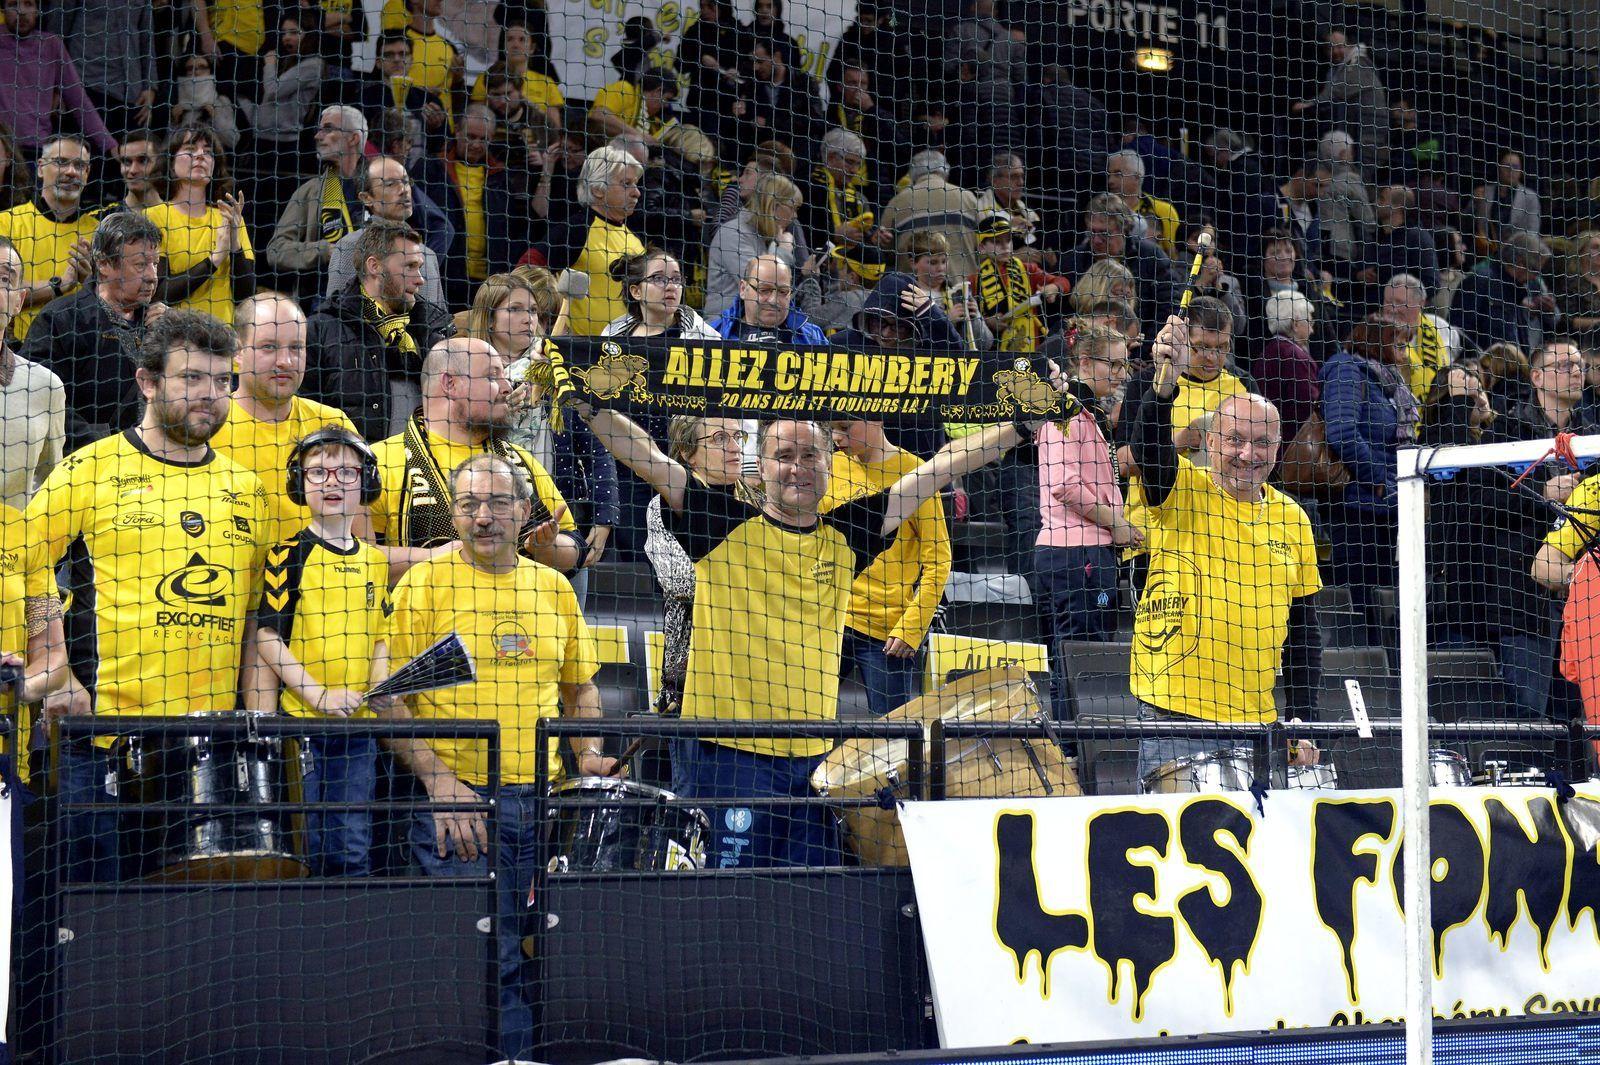 LSL CHAMBERY fait prendre l'eau à PONTAULT 28 à 18 les Photos du match